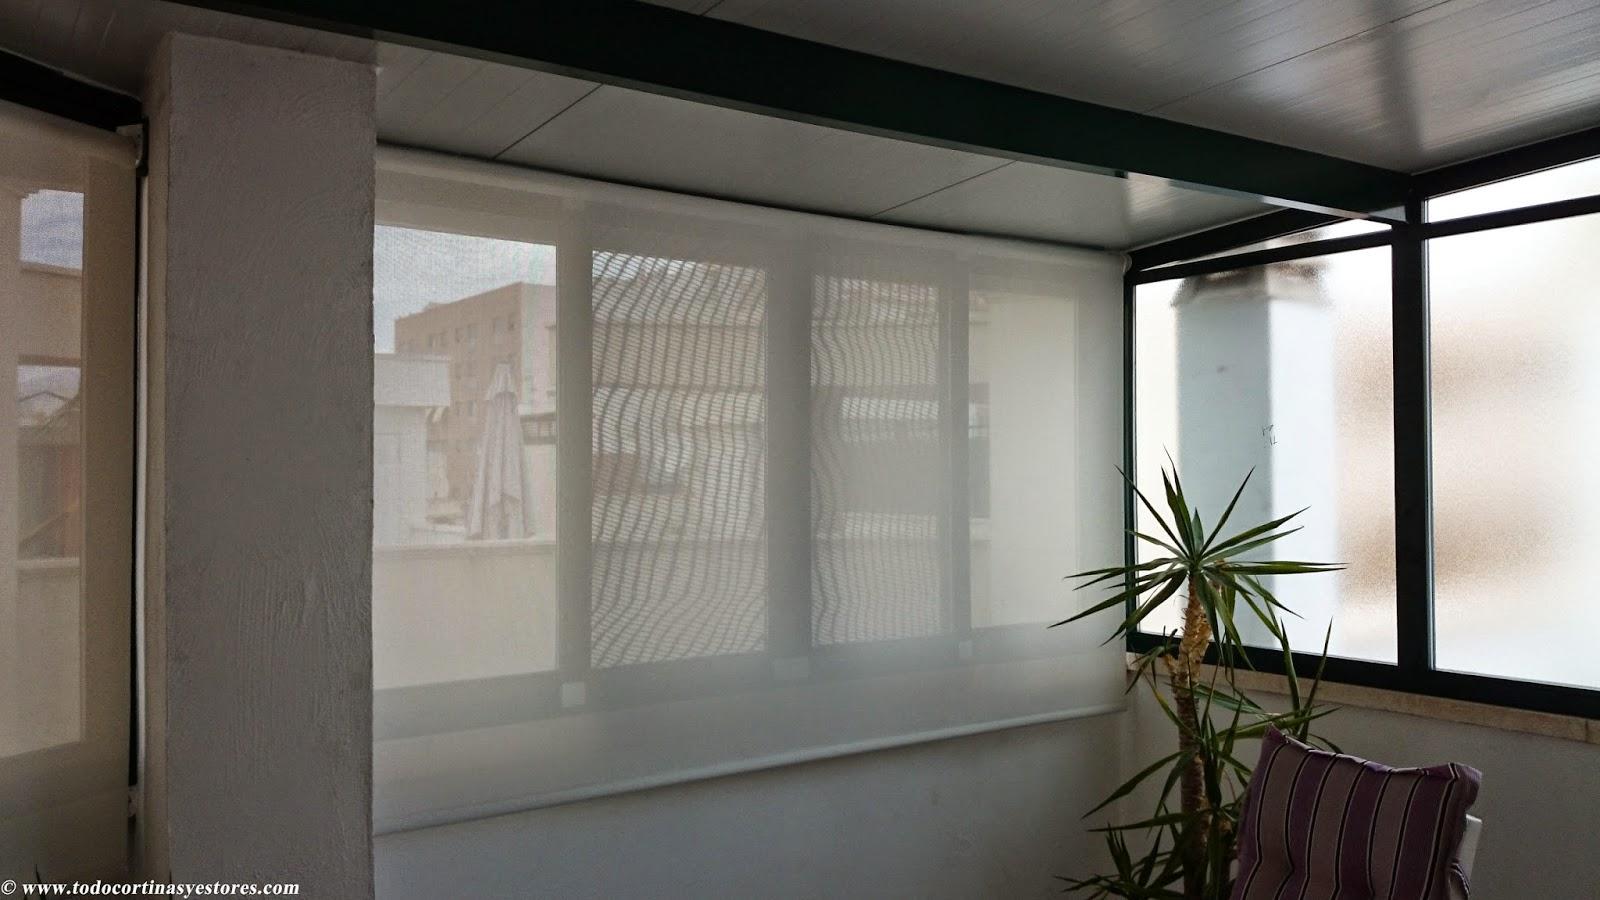 Decoracion interior cortinas verticales estores for Estores enrollables para puertas